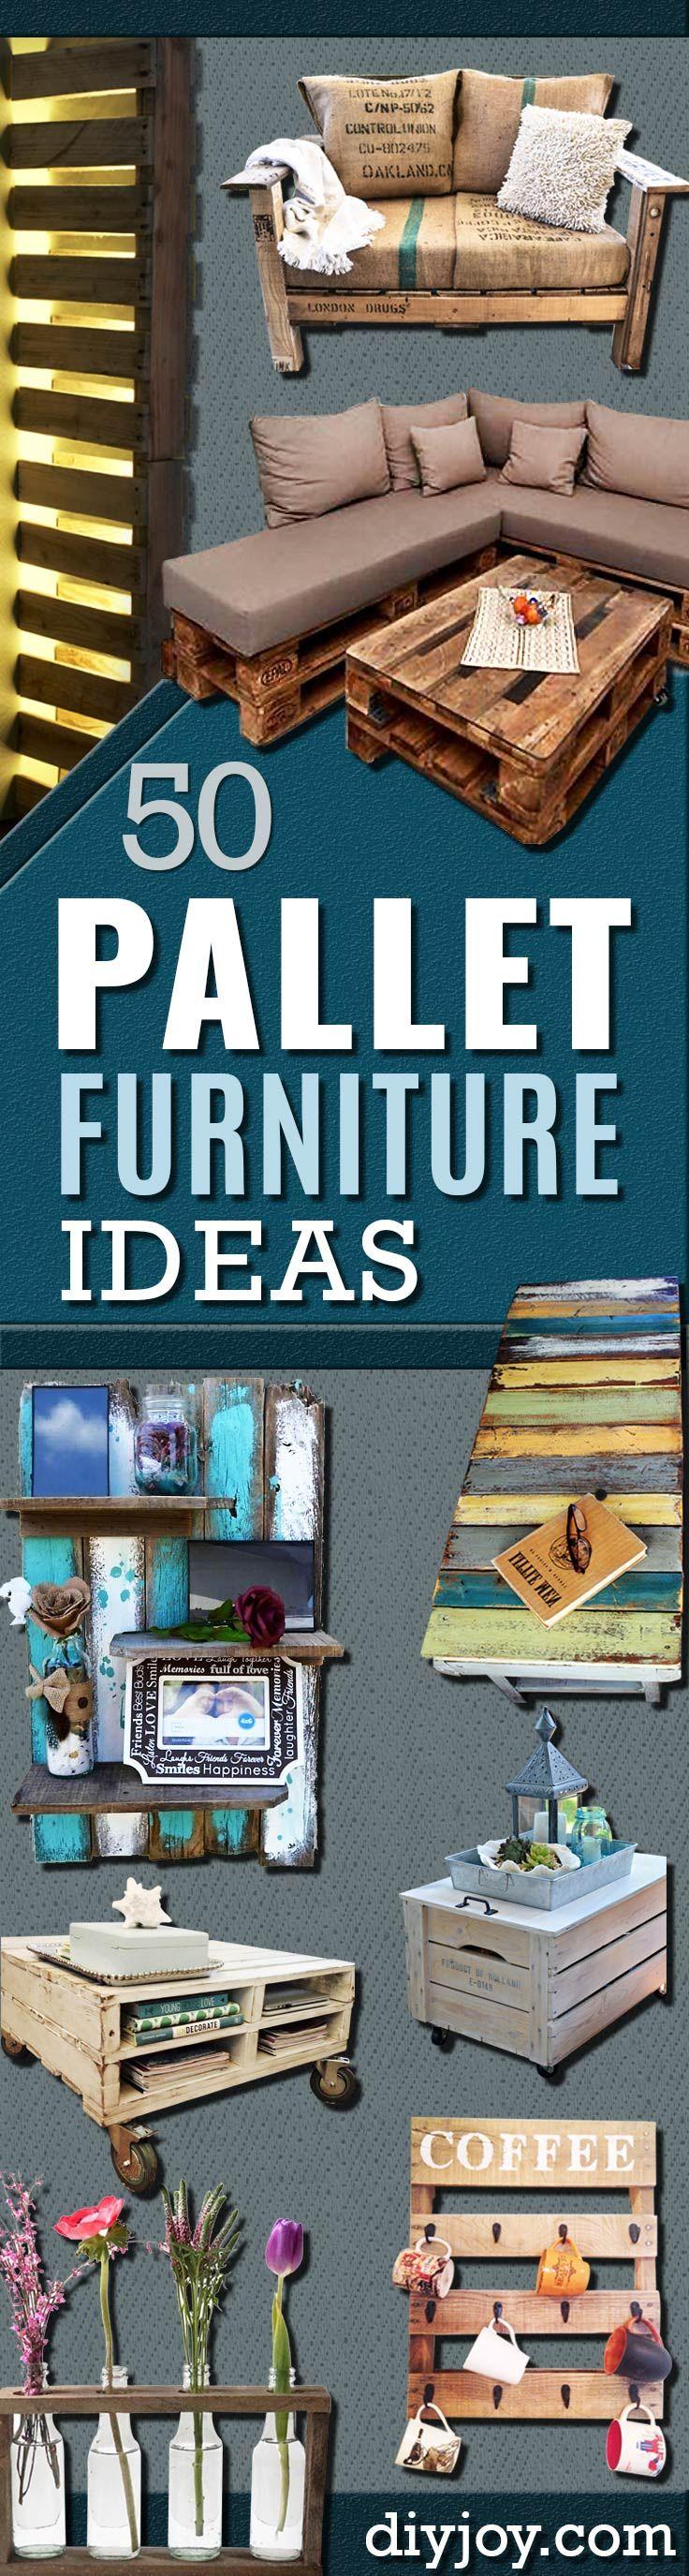 Diy pallet furniture ideas best do it yourself projects made with diy pallet furniture ideas best do it yourself projects made with wooden pallets indoor solutioingenieria Gallery